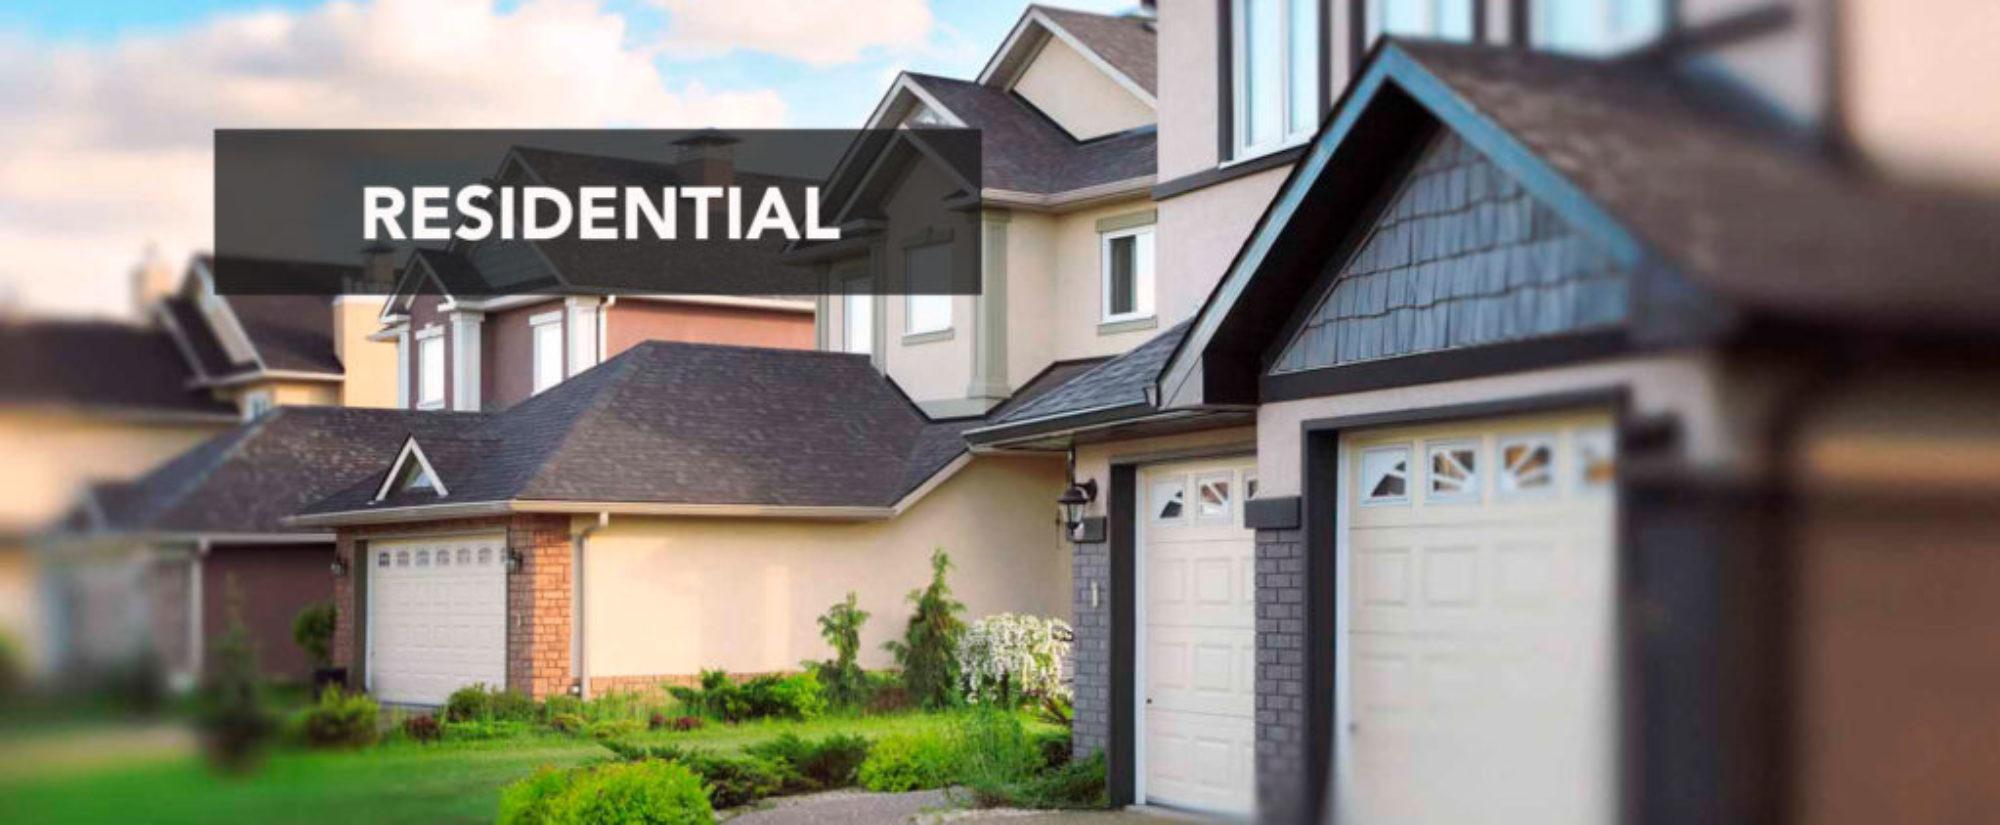 residential-2019